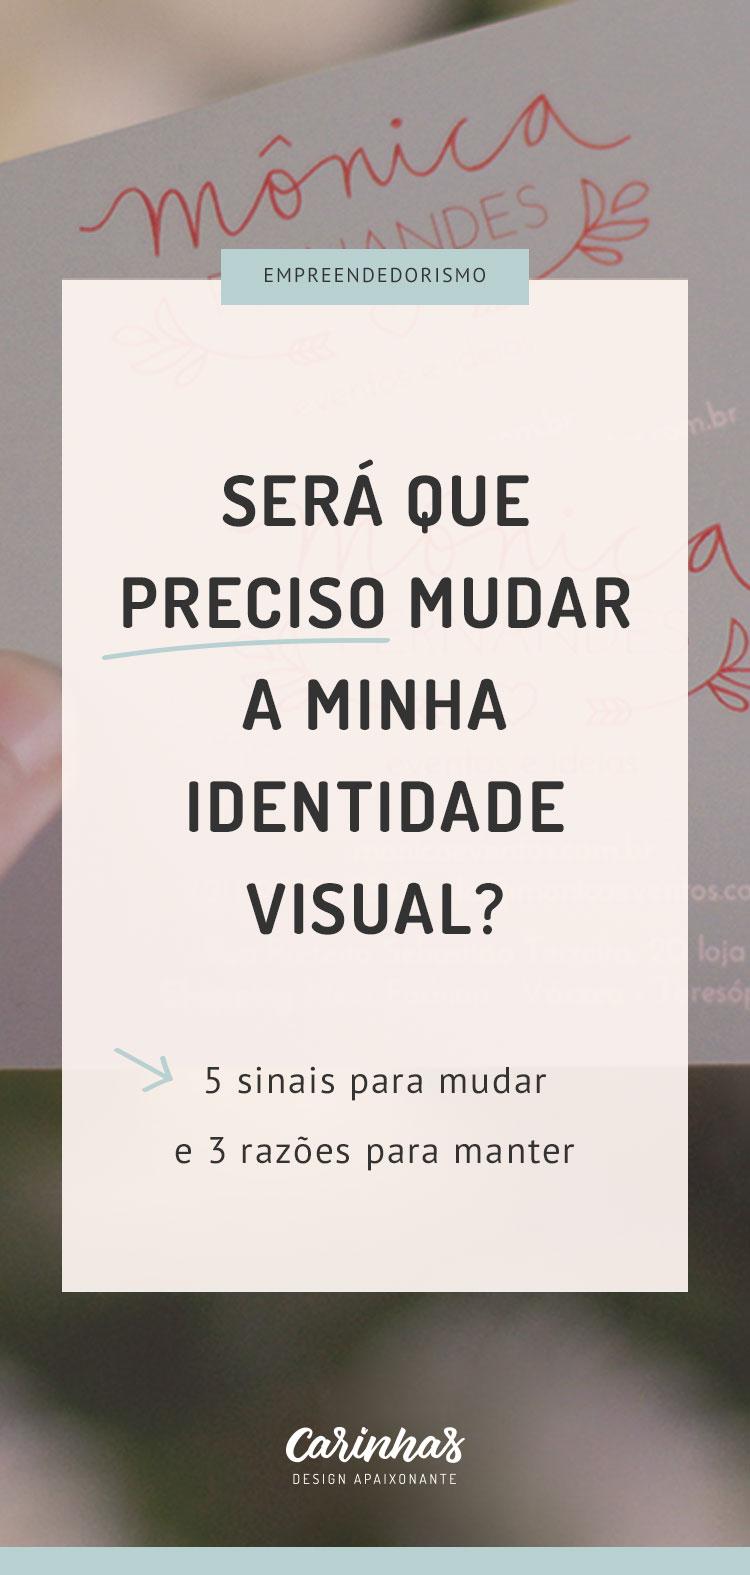 5 sinais que sua identidade visual precisa ser redesenhada (e 3 razões para não mudar) - carinhas.com.br